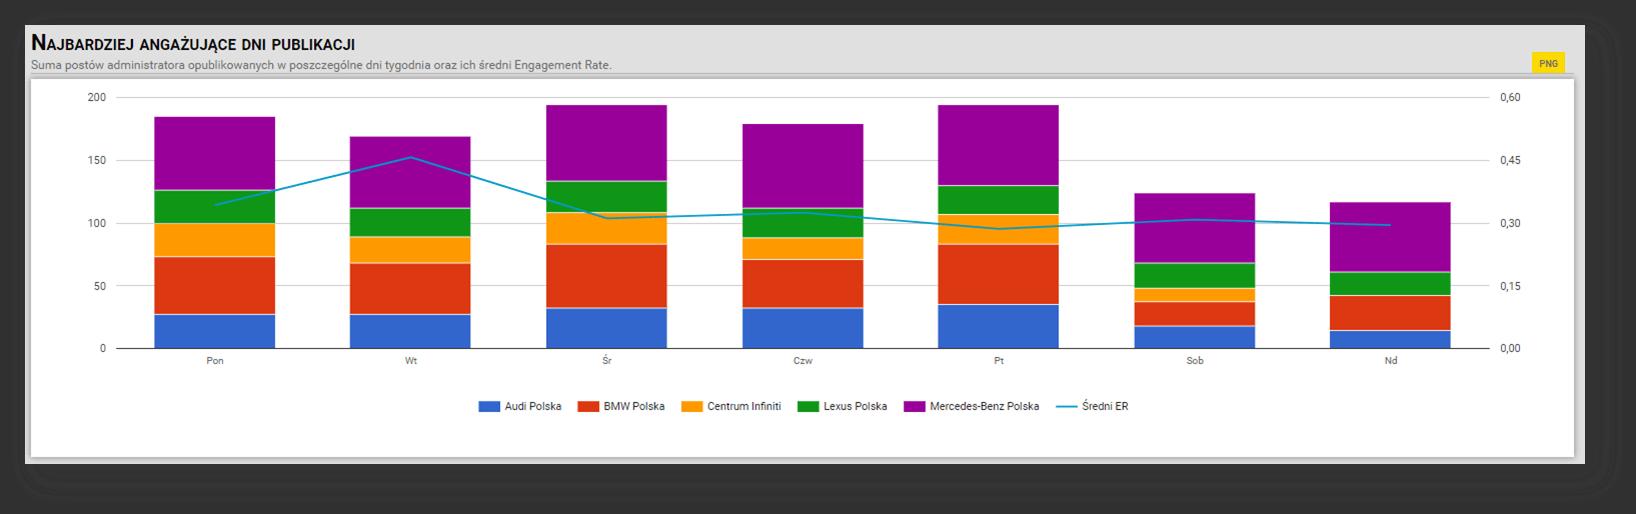 monitoring-konkurencji-na-Facebooku-w-NapoleonCat-przykladowe-zestawienie-najbardziej-angazujace-dni-publikacji